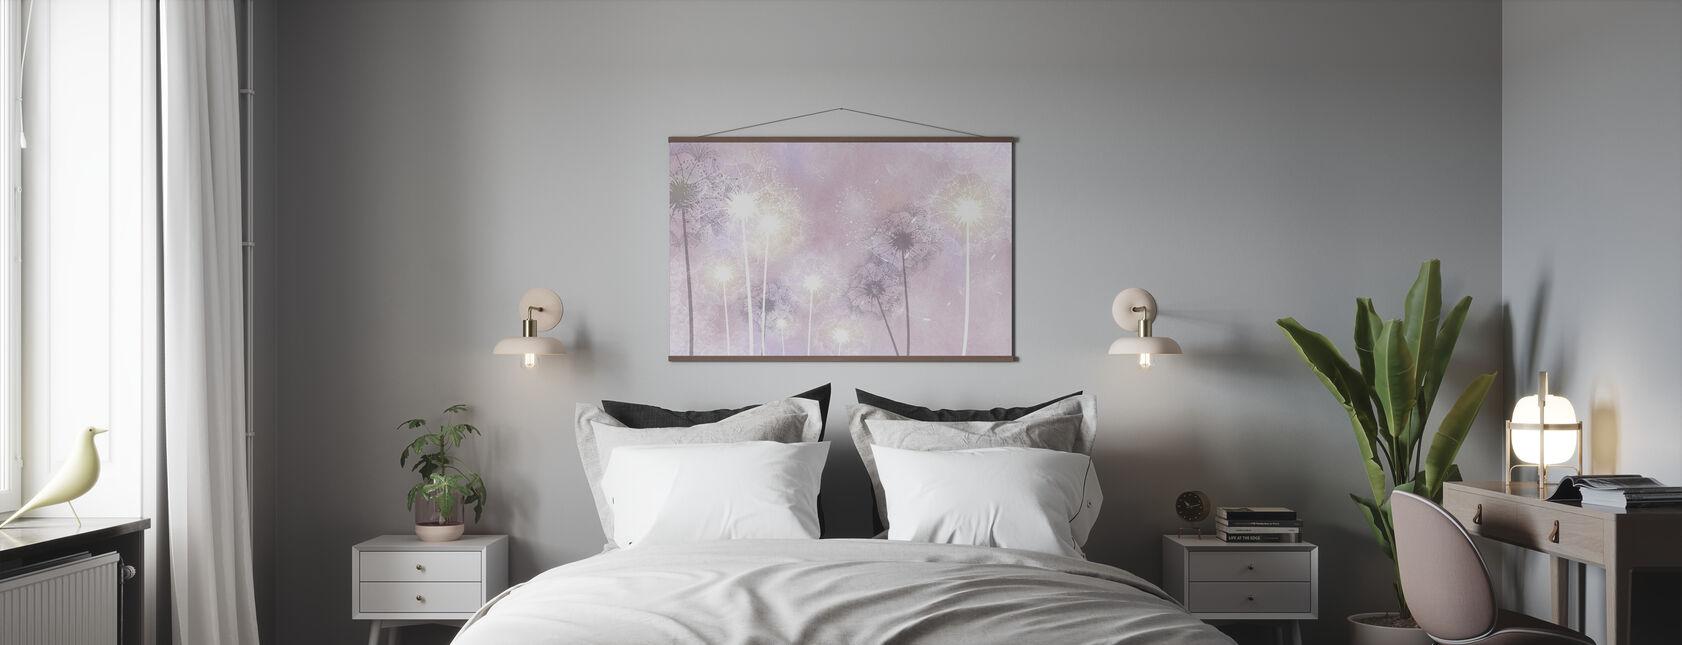 Dandelion Sky III - Poster - Bedroom